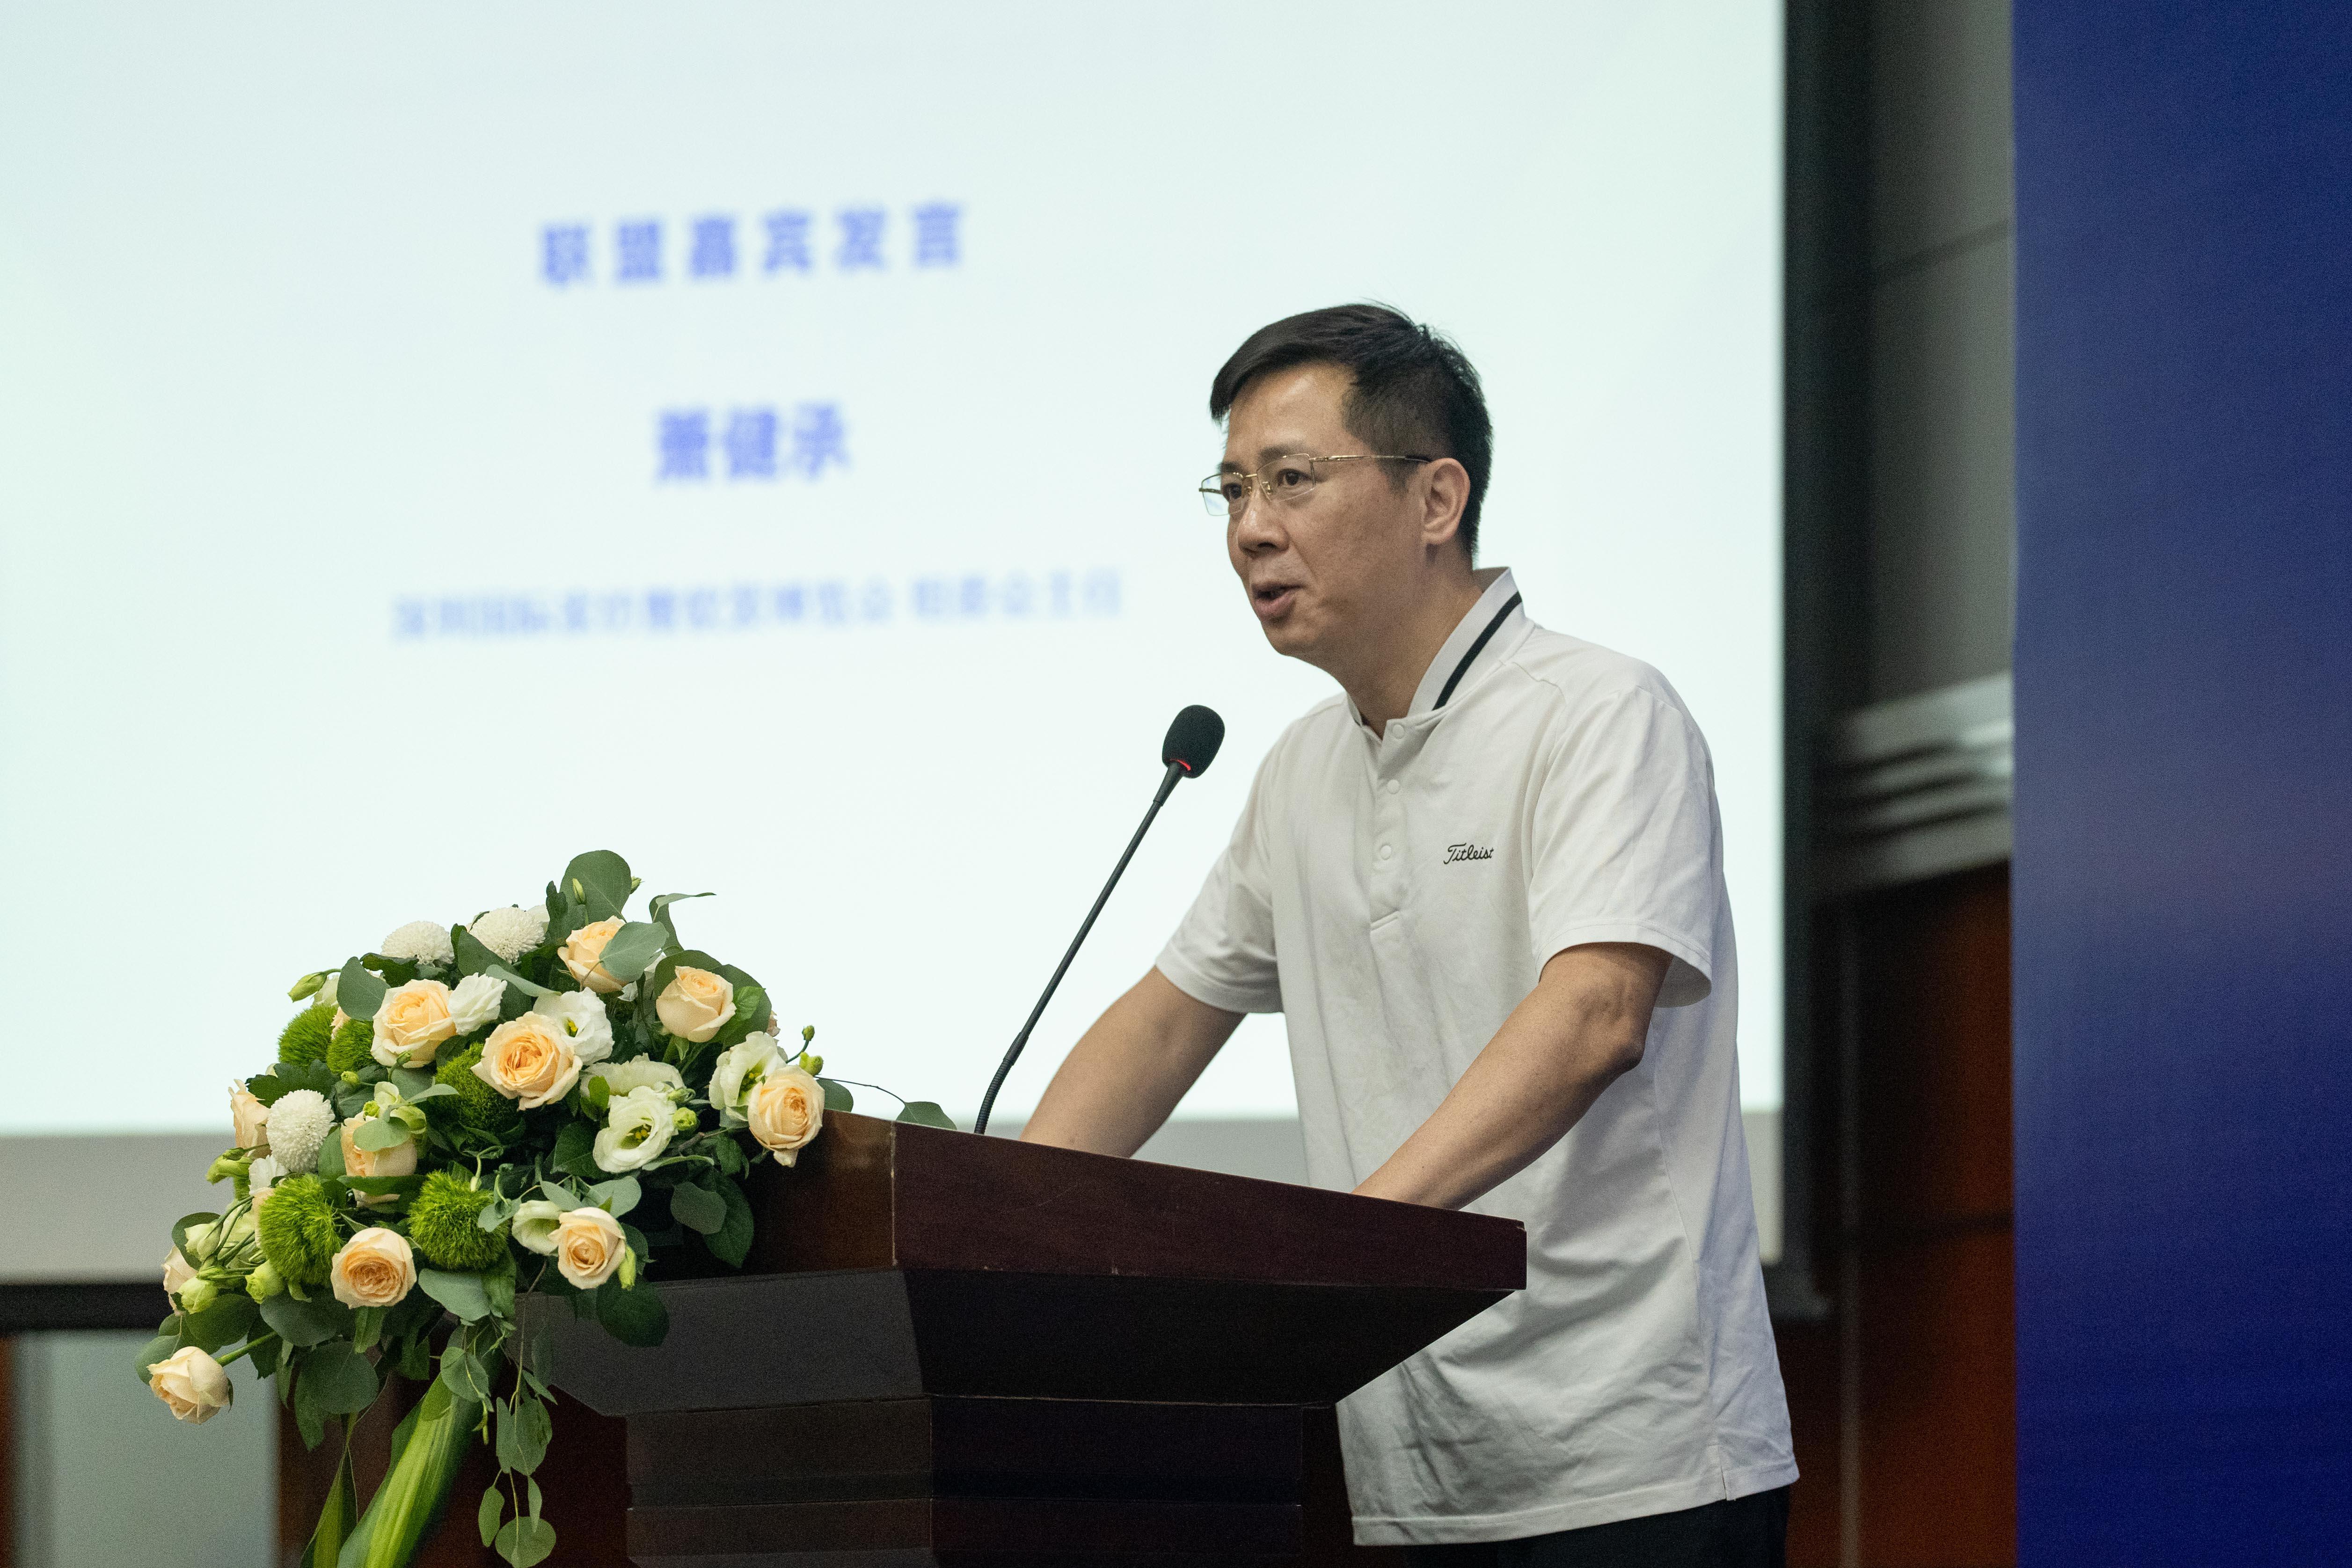 深圳国际家纺暨软装博览会组委会主任萧健承.JPG